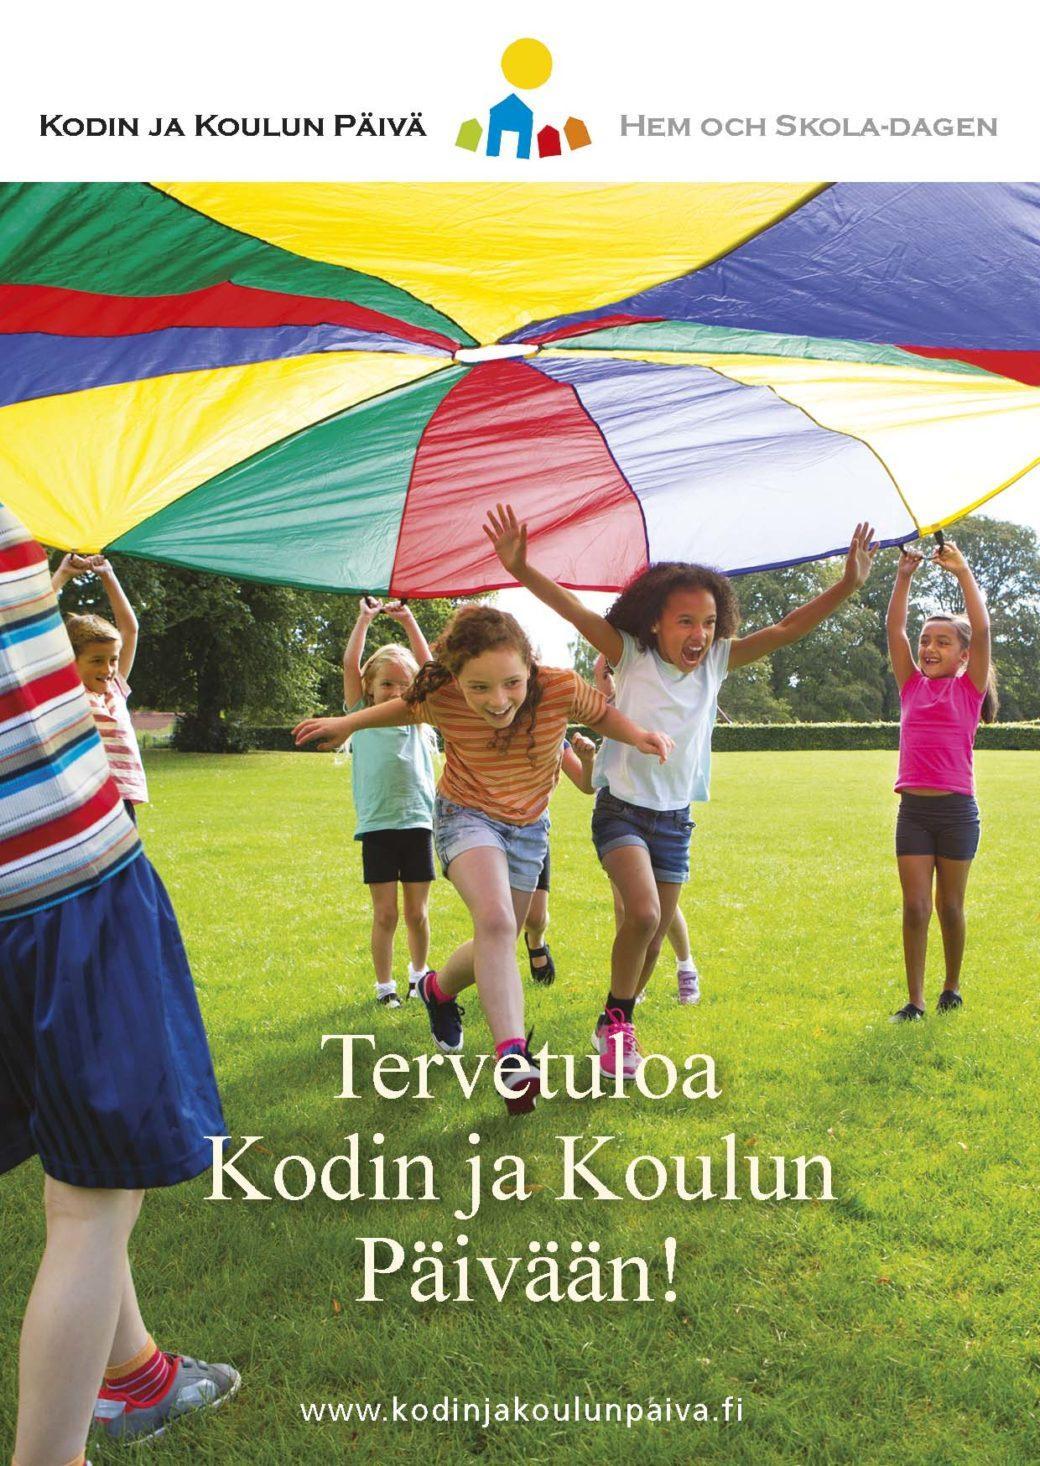 Kortti: Tervetuloa Kodin ja Koulun Päivään! www.kodinjakoulunpaiva.fi